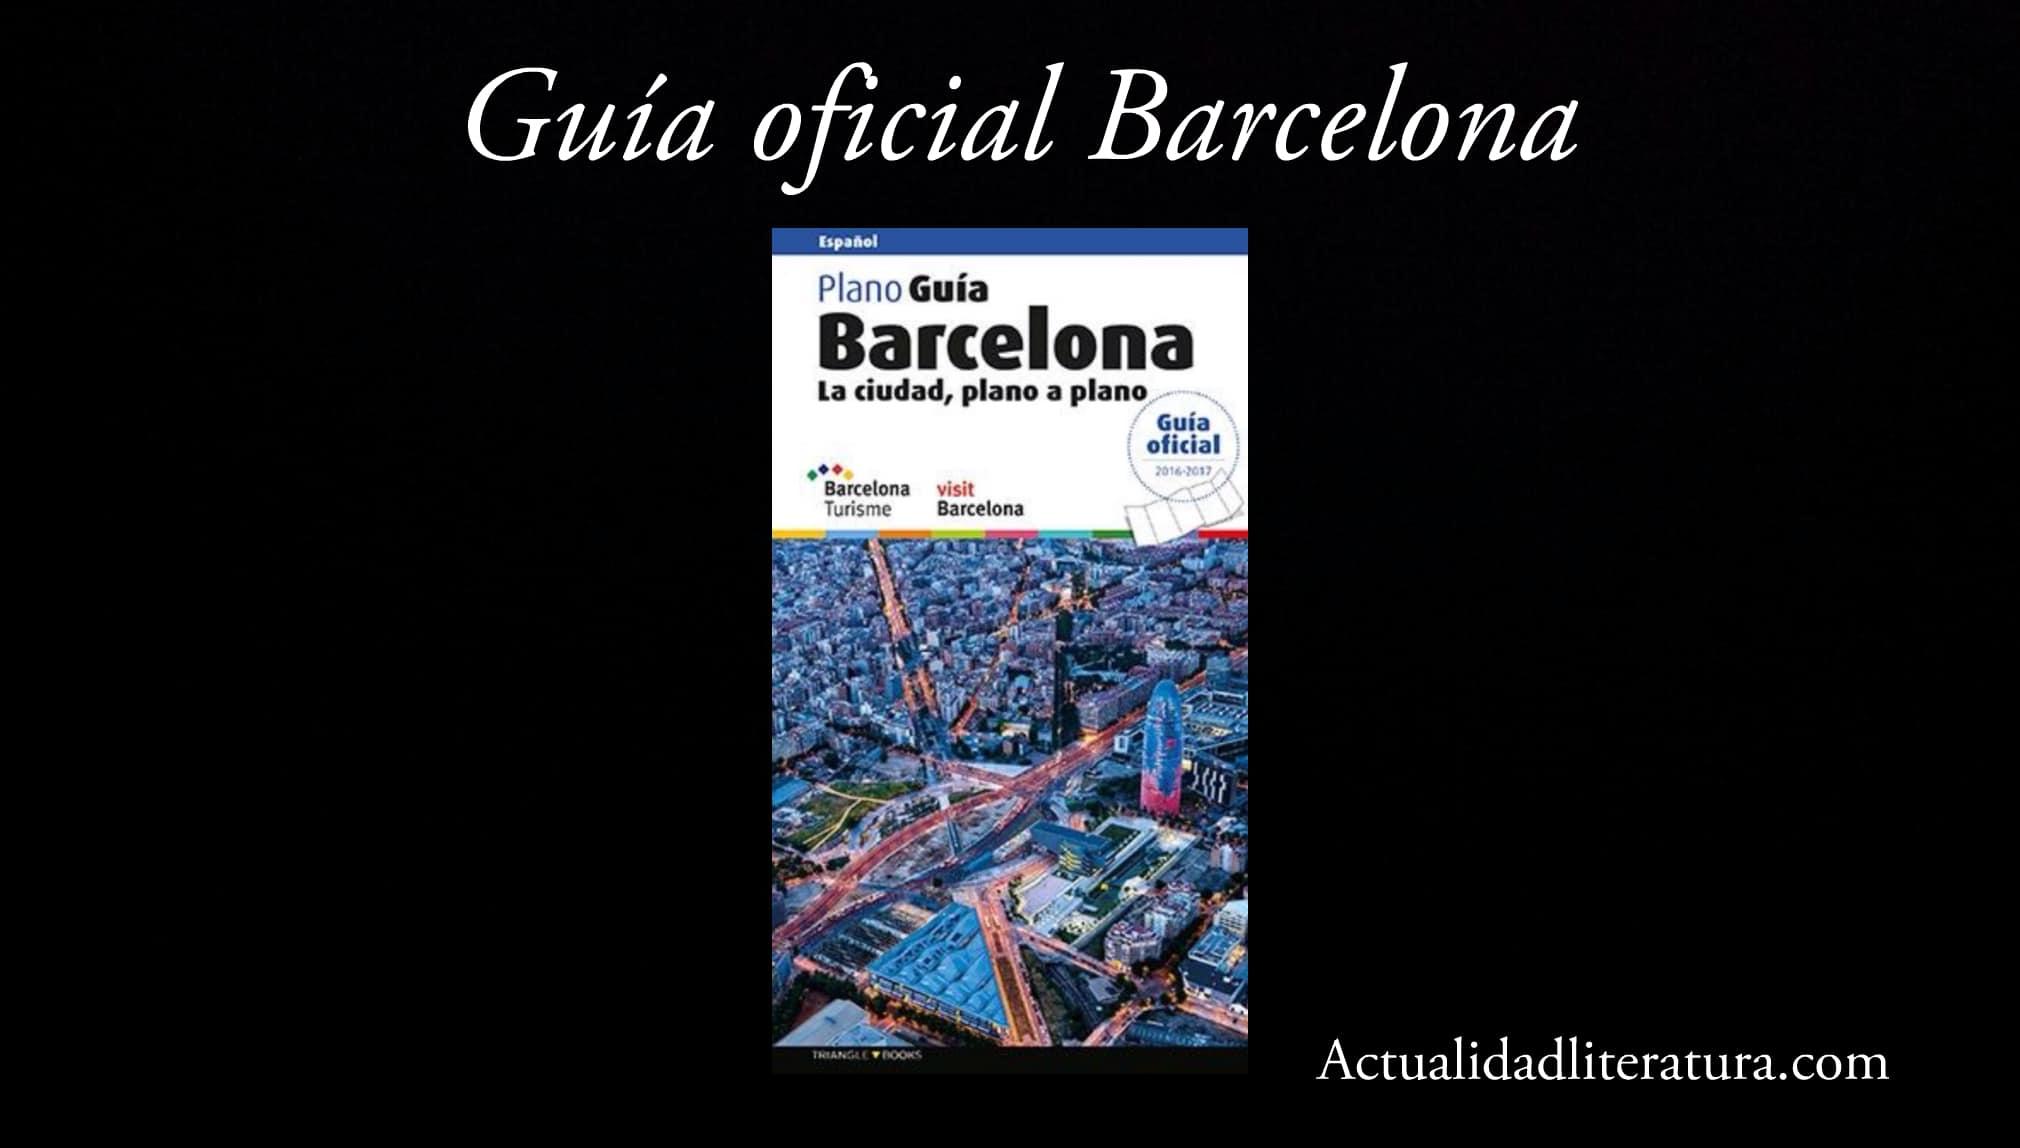 Guía oficial de Barcelona.